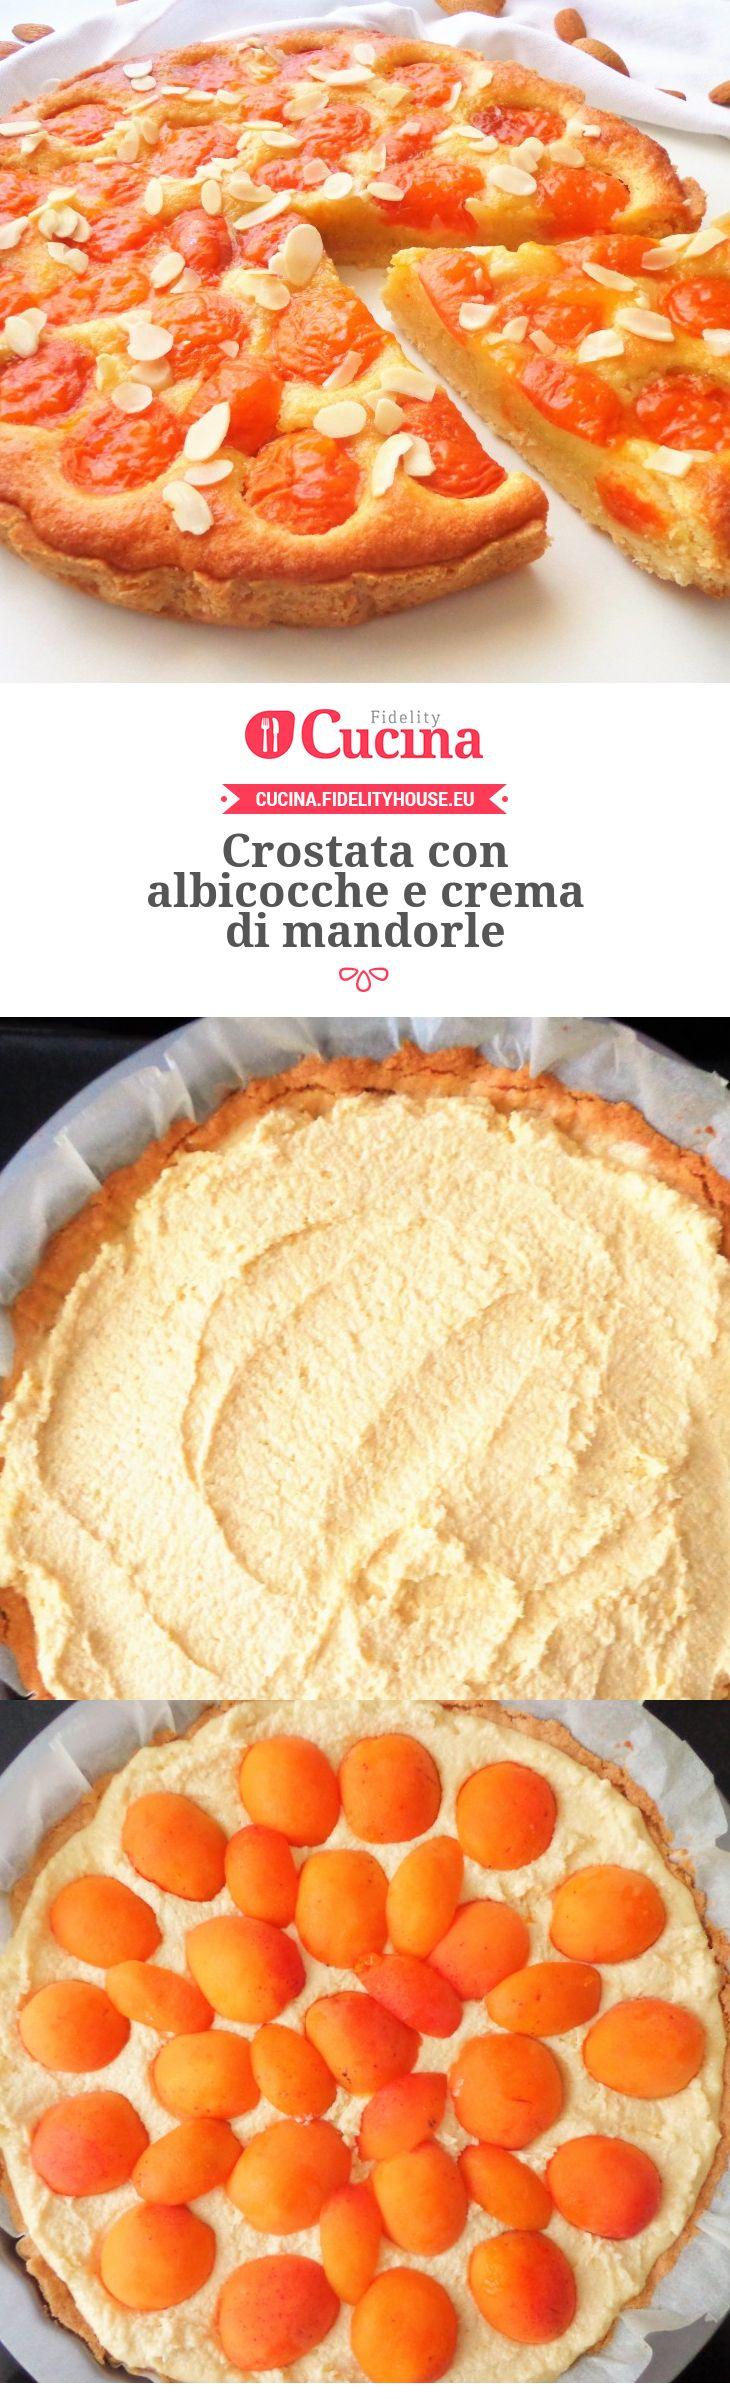 #Crostata con #albicocche e crema di #mandorle della nostra utente Magdalena. Unisciti alla nostra Community ed invia le tue ricette!